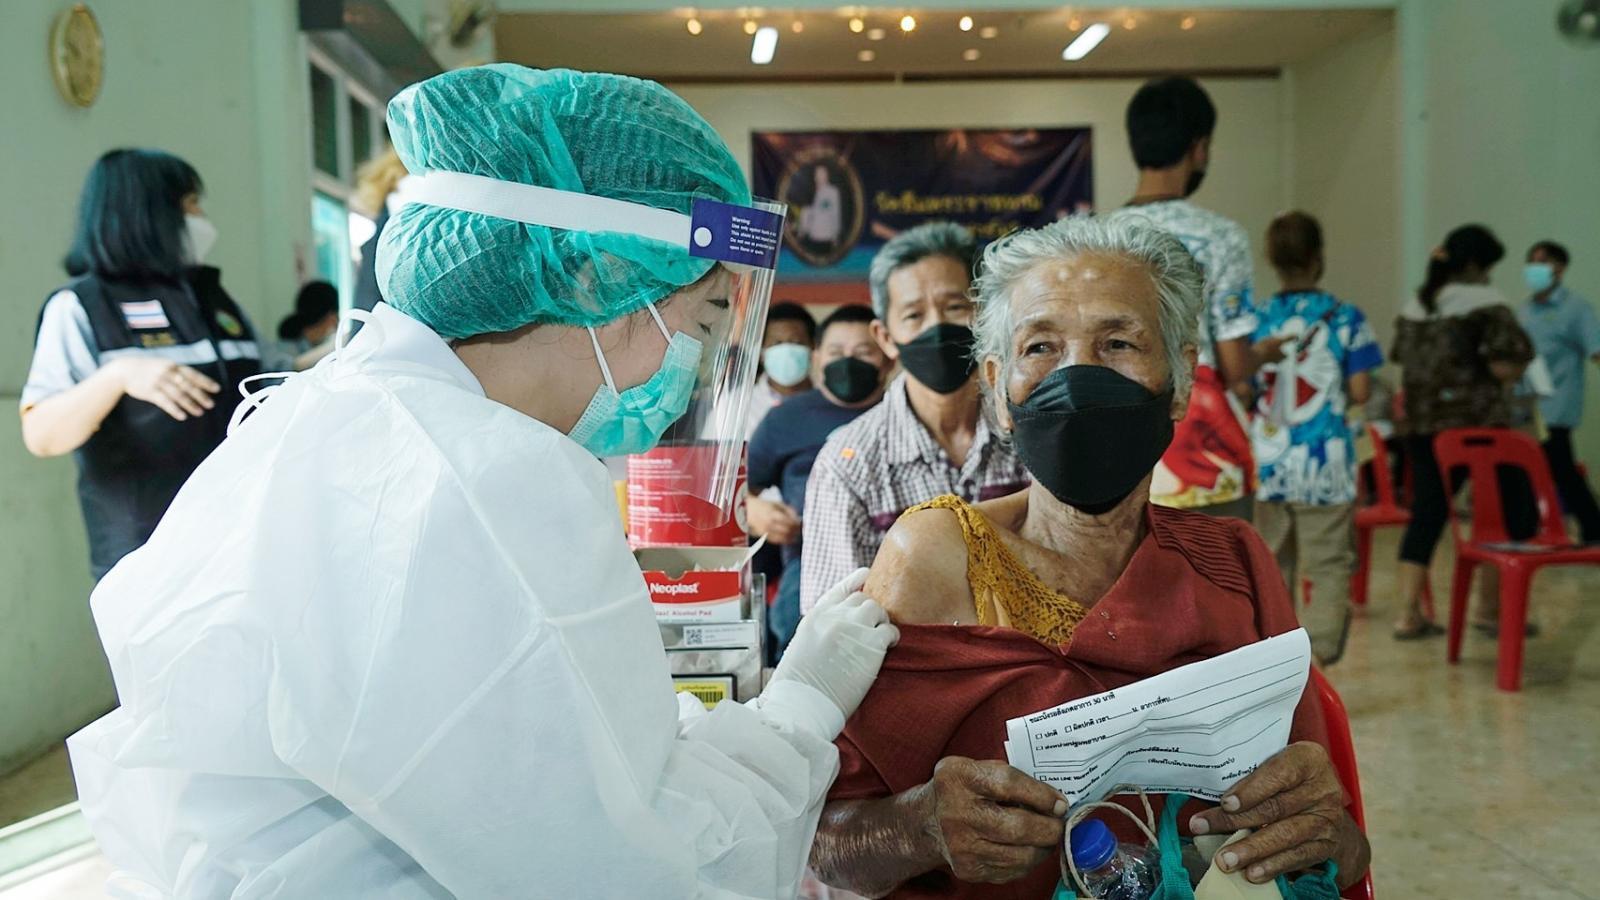 """คณะพยาบาลศาสตร์ ราชวิทยาลัยจุฬาภรณ์ ลงพื้นที่ฉีดวัคซีนตัวเลือก """"ซิโนฟาร์ม"""" เข็มที่ 2 ให้แก่ประชาชนกลุ่มเปราะบาง จำนวน 250 ราย"""